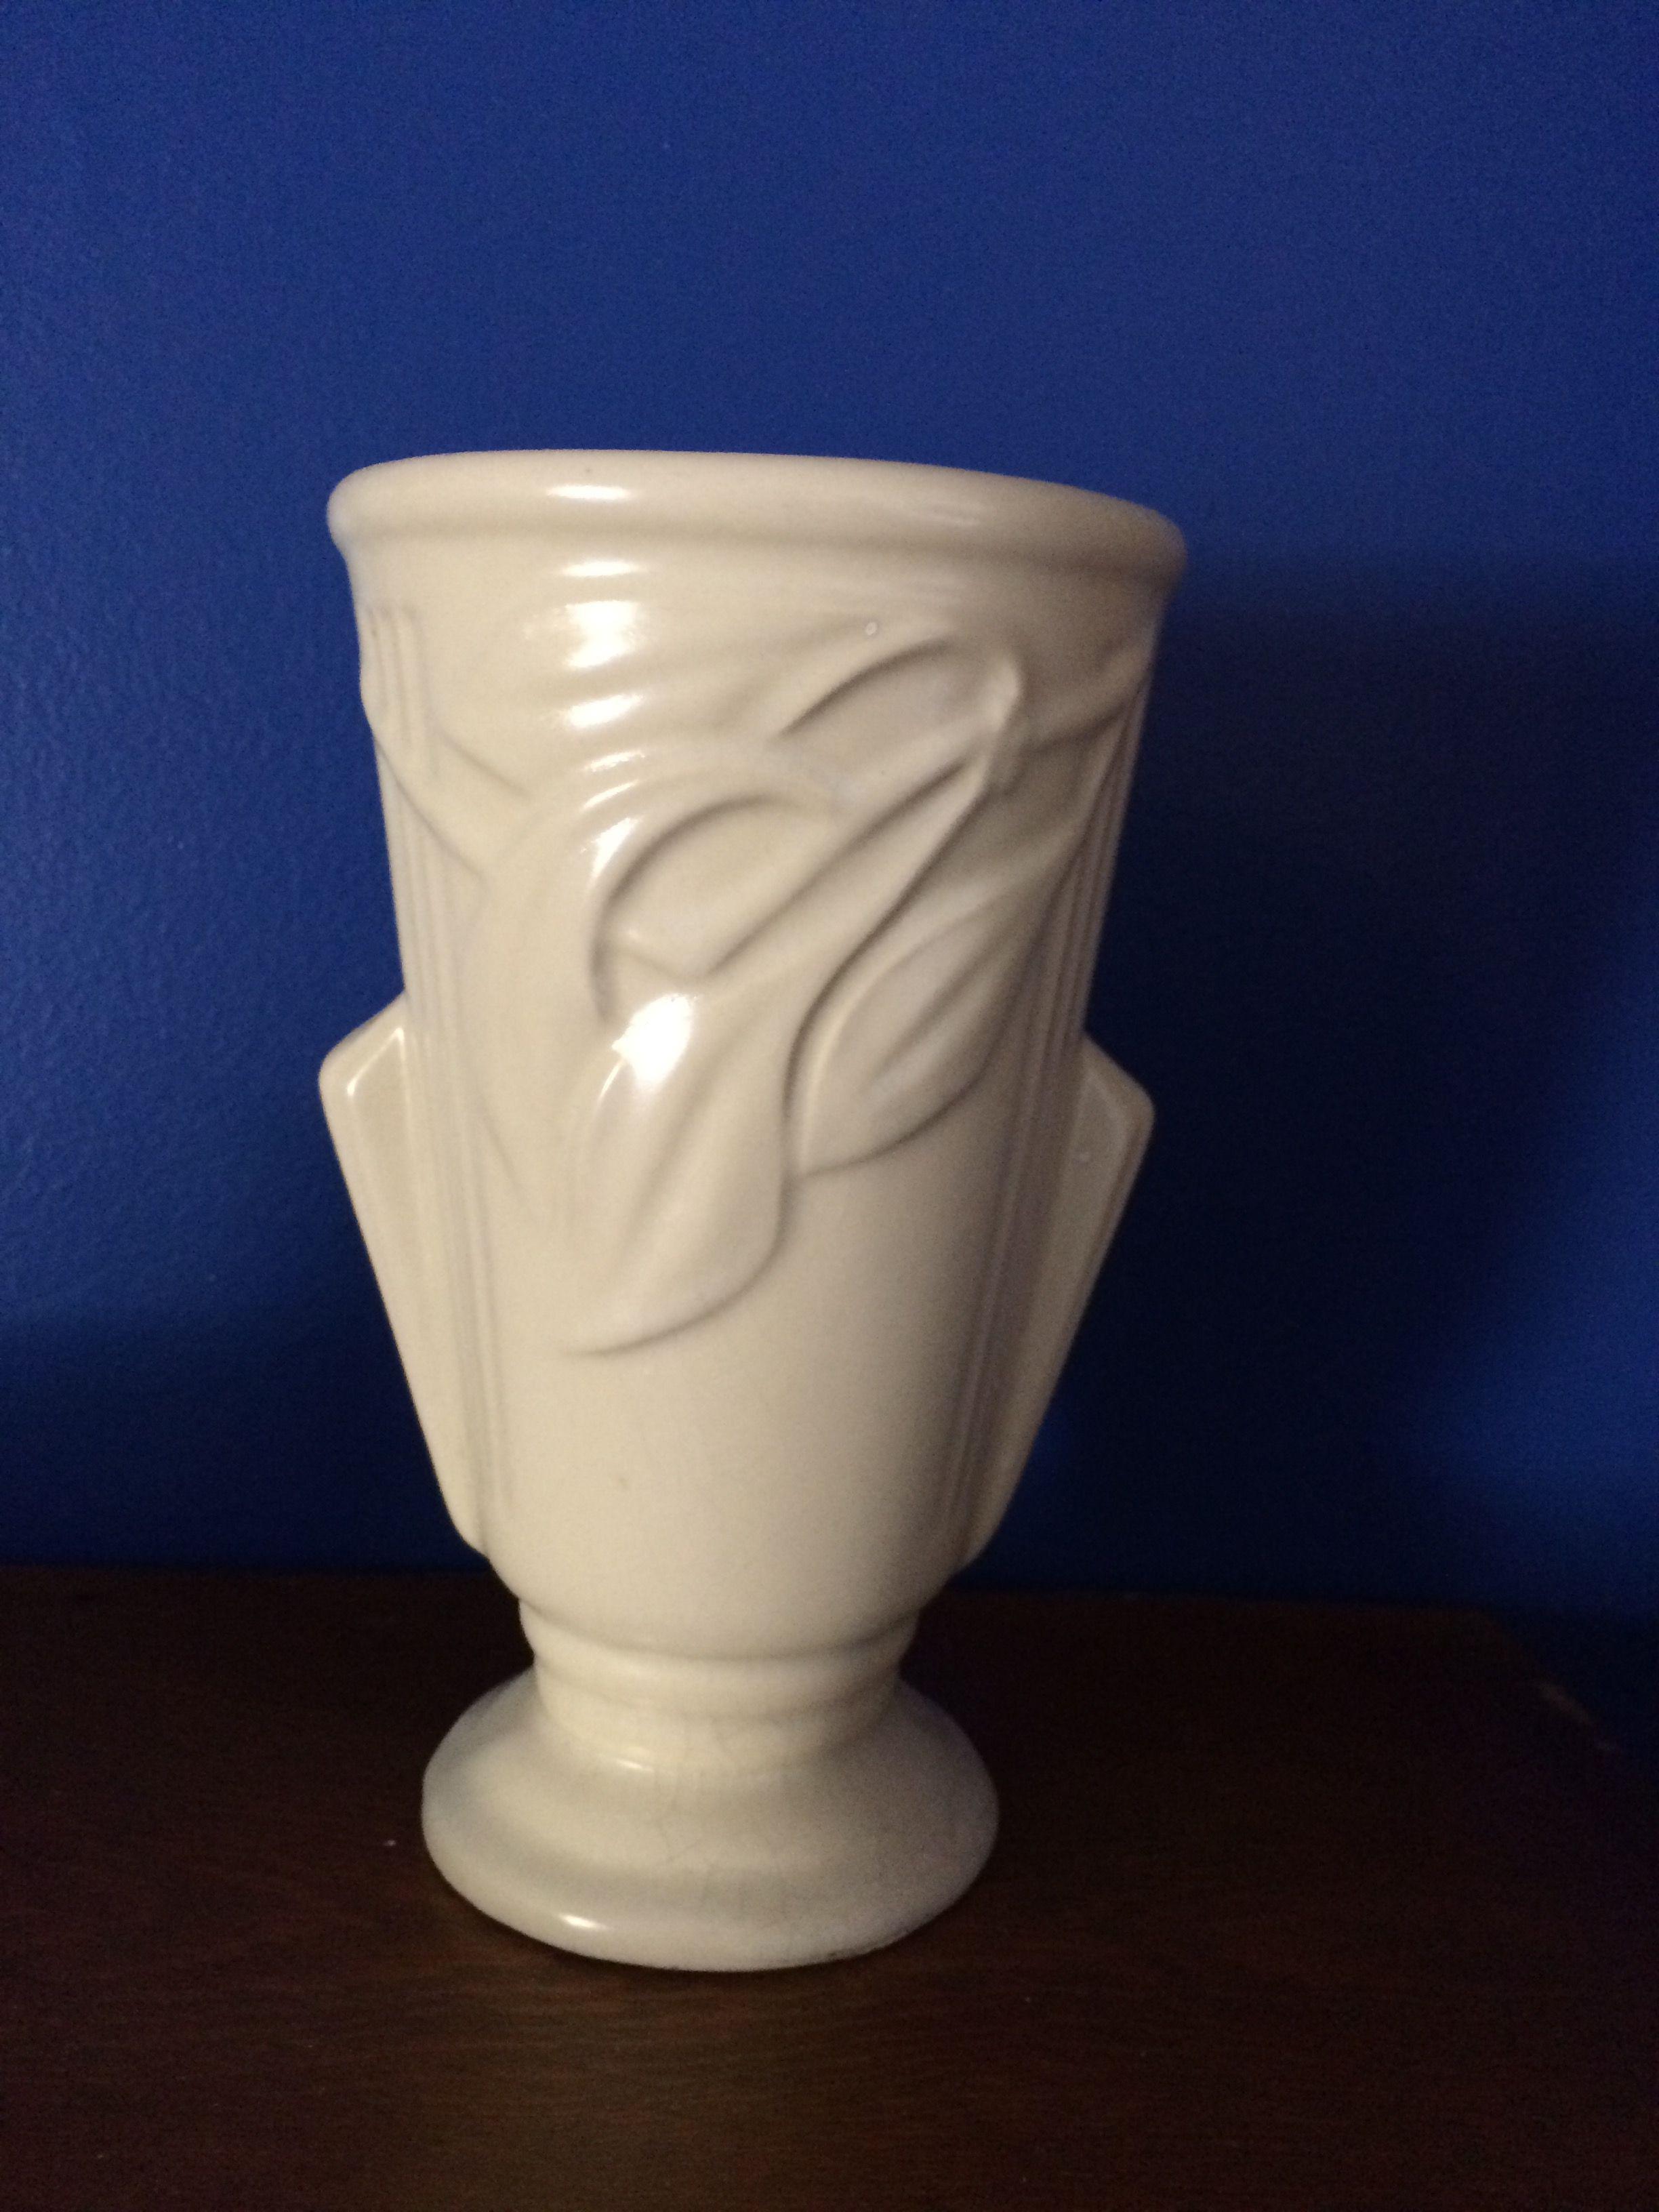 unique vases for sale of white vases for sale elegant pin by eugene hollon on art deco white within white vases for sale elegant pin by eugene hollon on art deco white vases pinterest